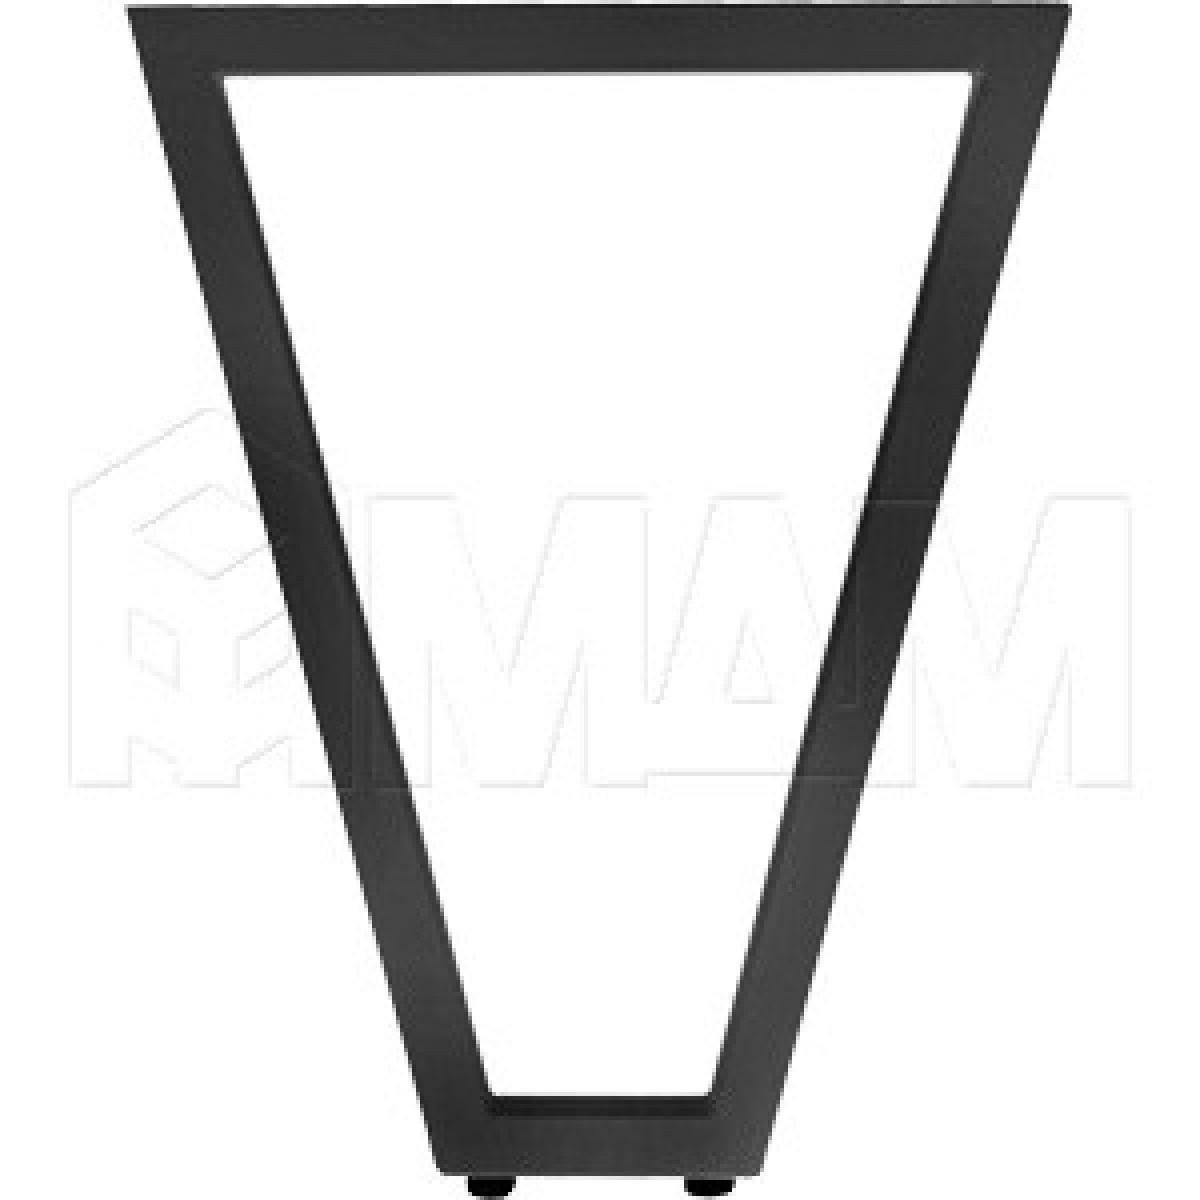 Опора для стола V-образная, 40х40, H720+5мм, черный, 1шт.